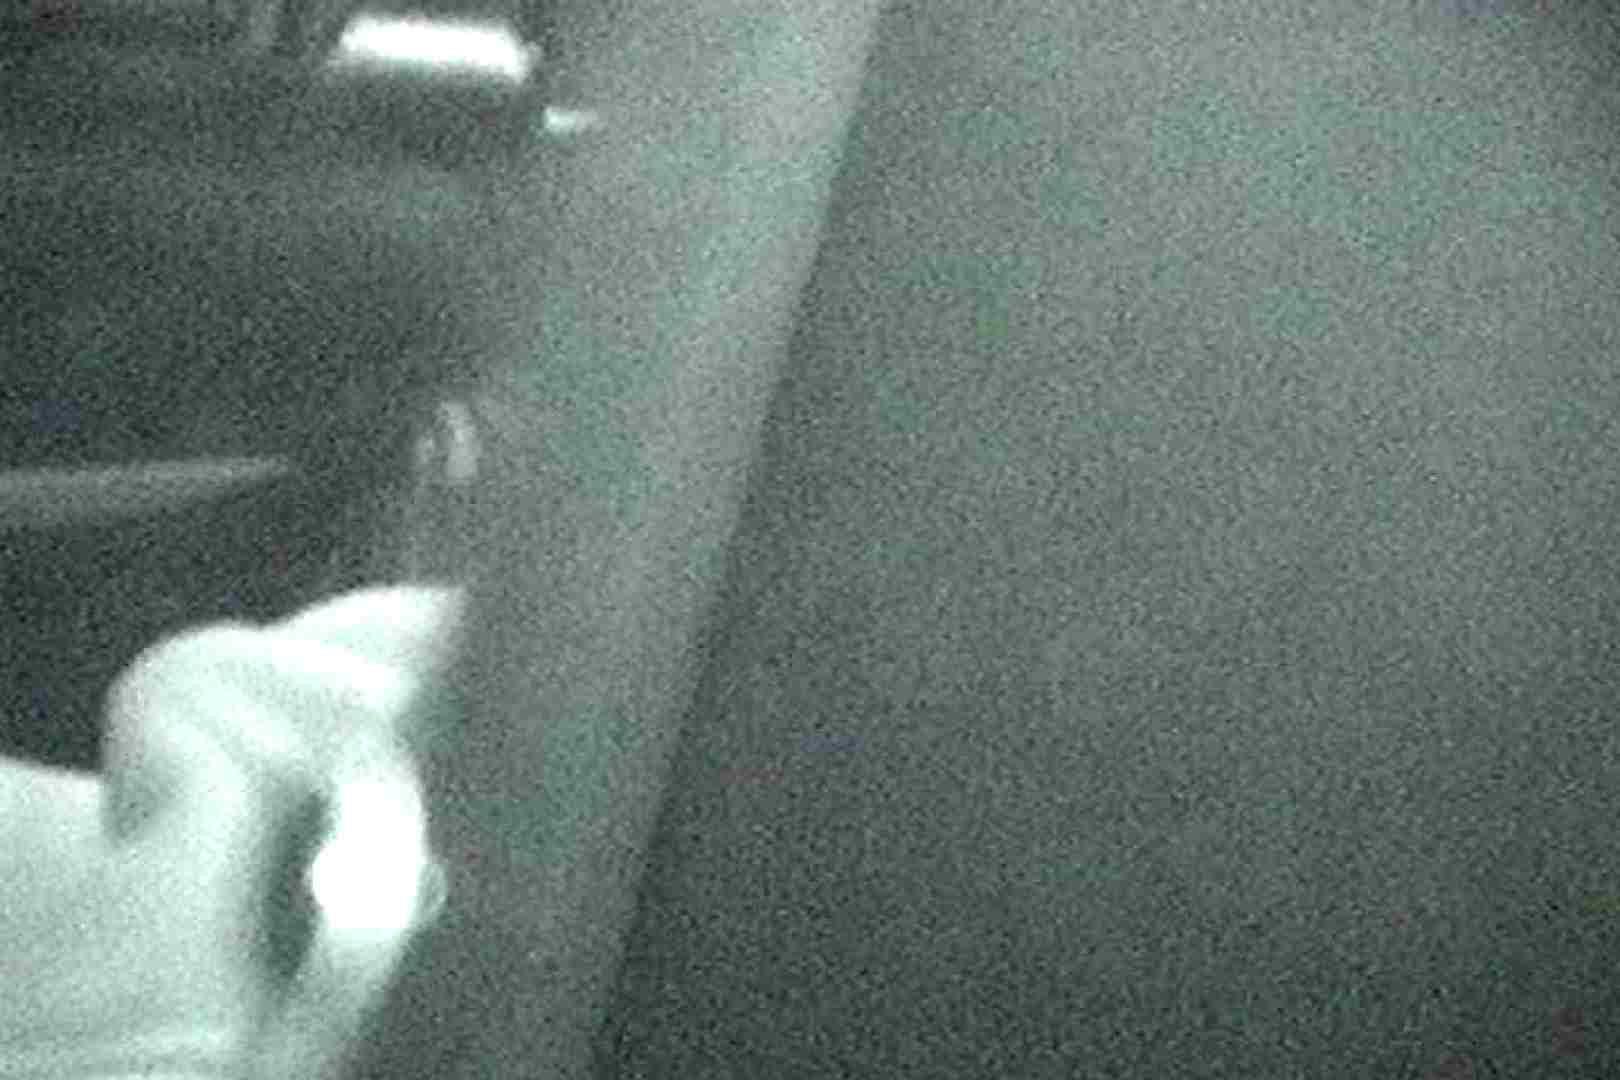 充血監督の深夜の運動会Vol.10 カップル スケベ動画紹介 94連発 18